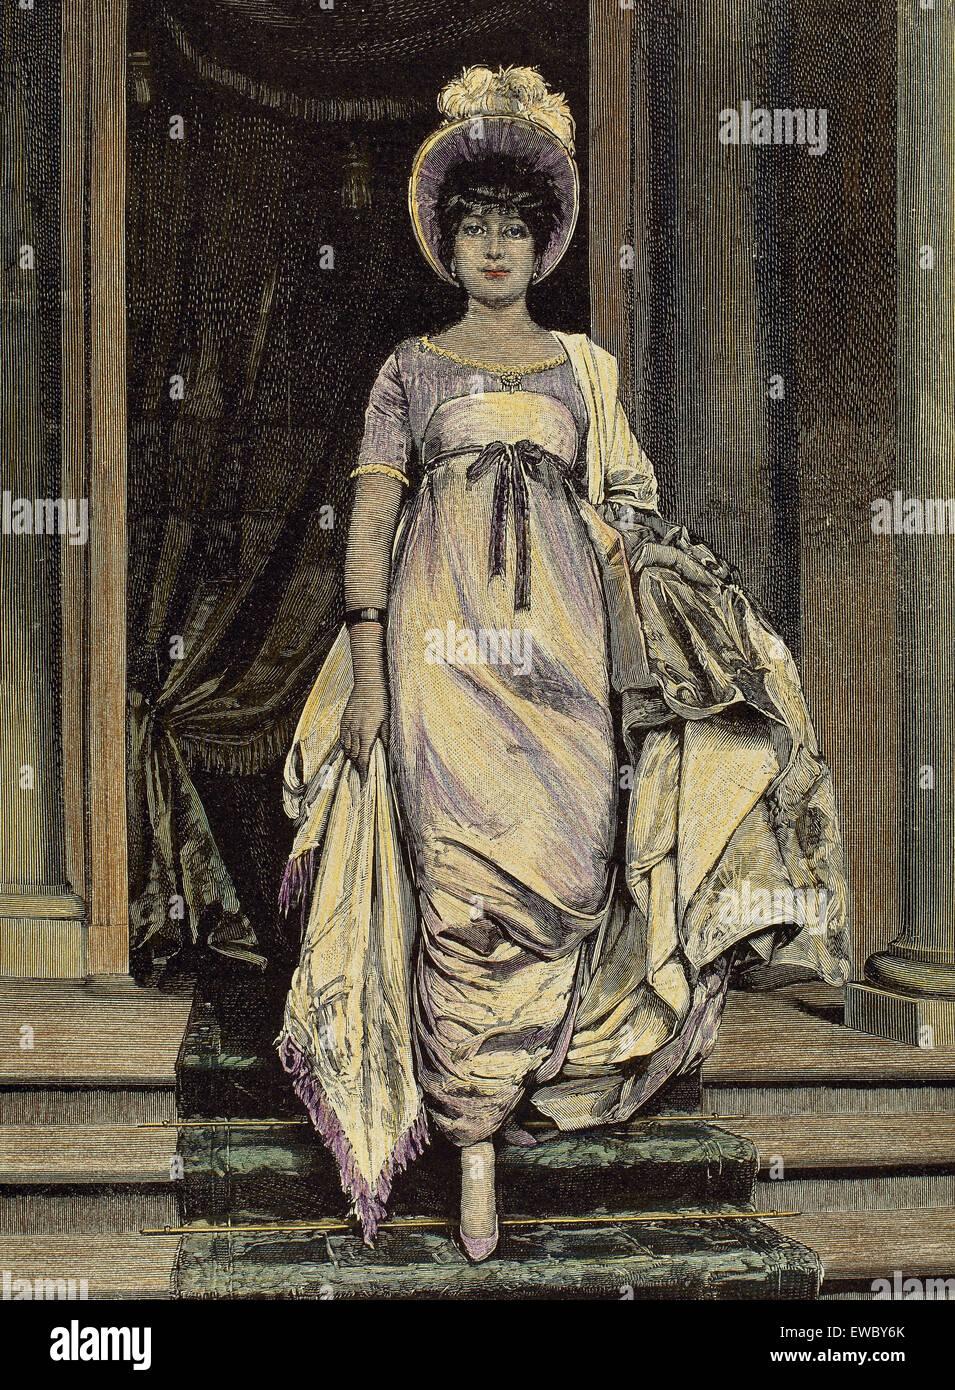 Aristocratic Fashion Style